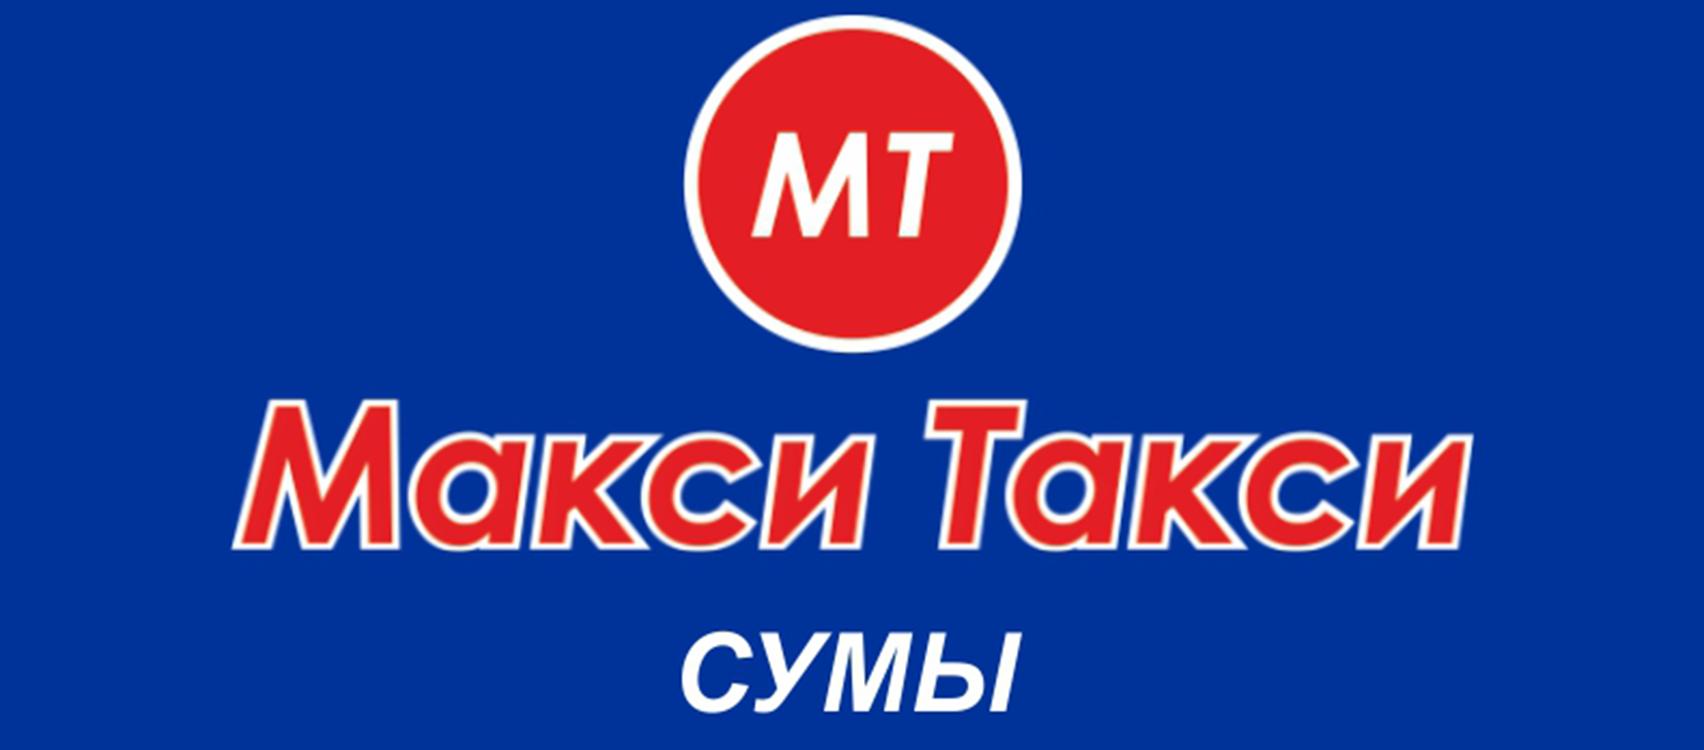 Максі Таксі  (Суми)